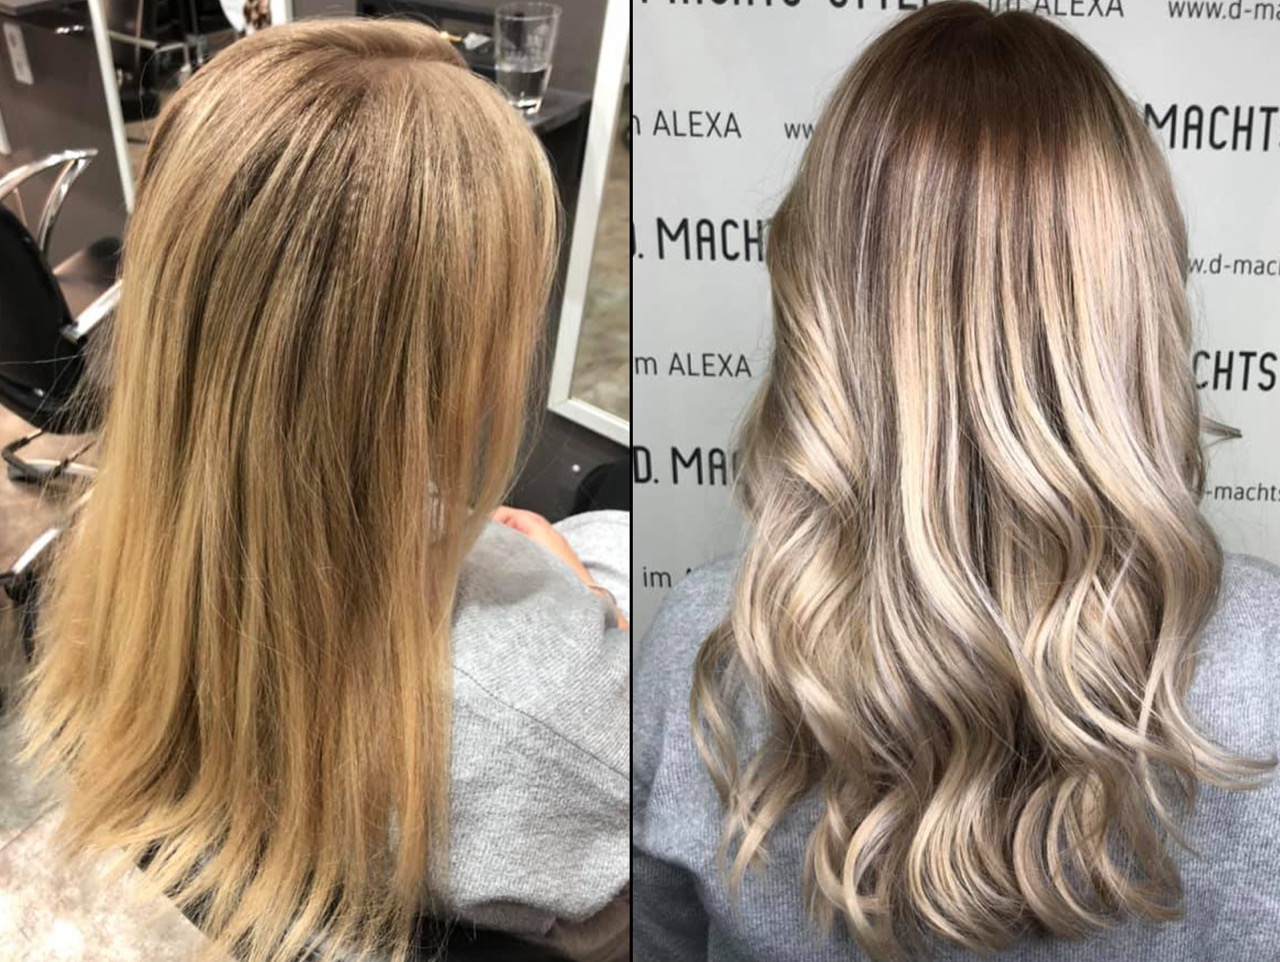 Haarfarben Trend Fur Den Sommer 2019 Frisuren Ideen